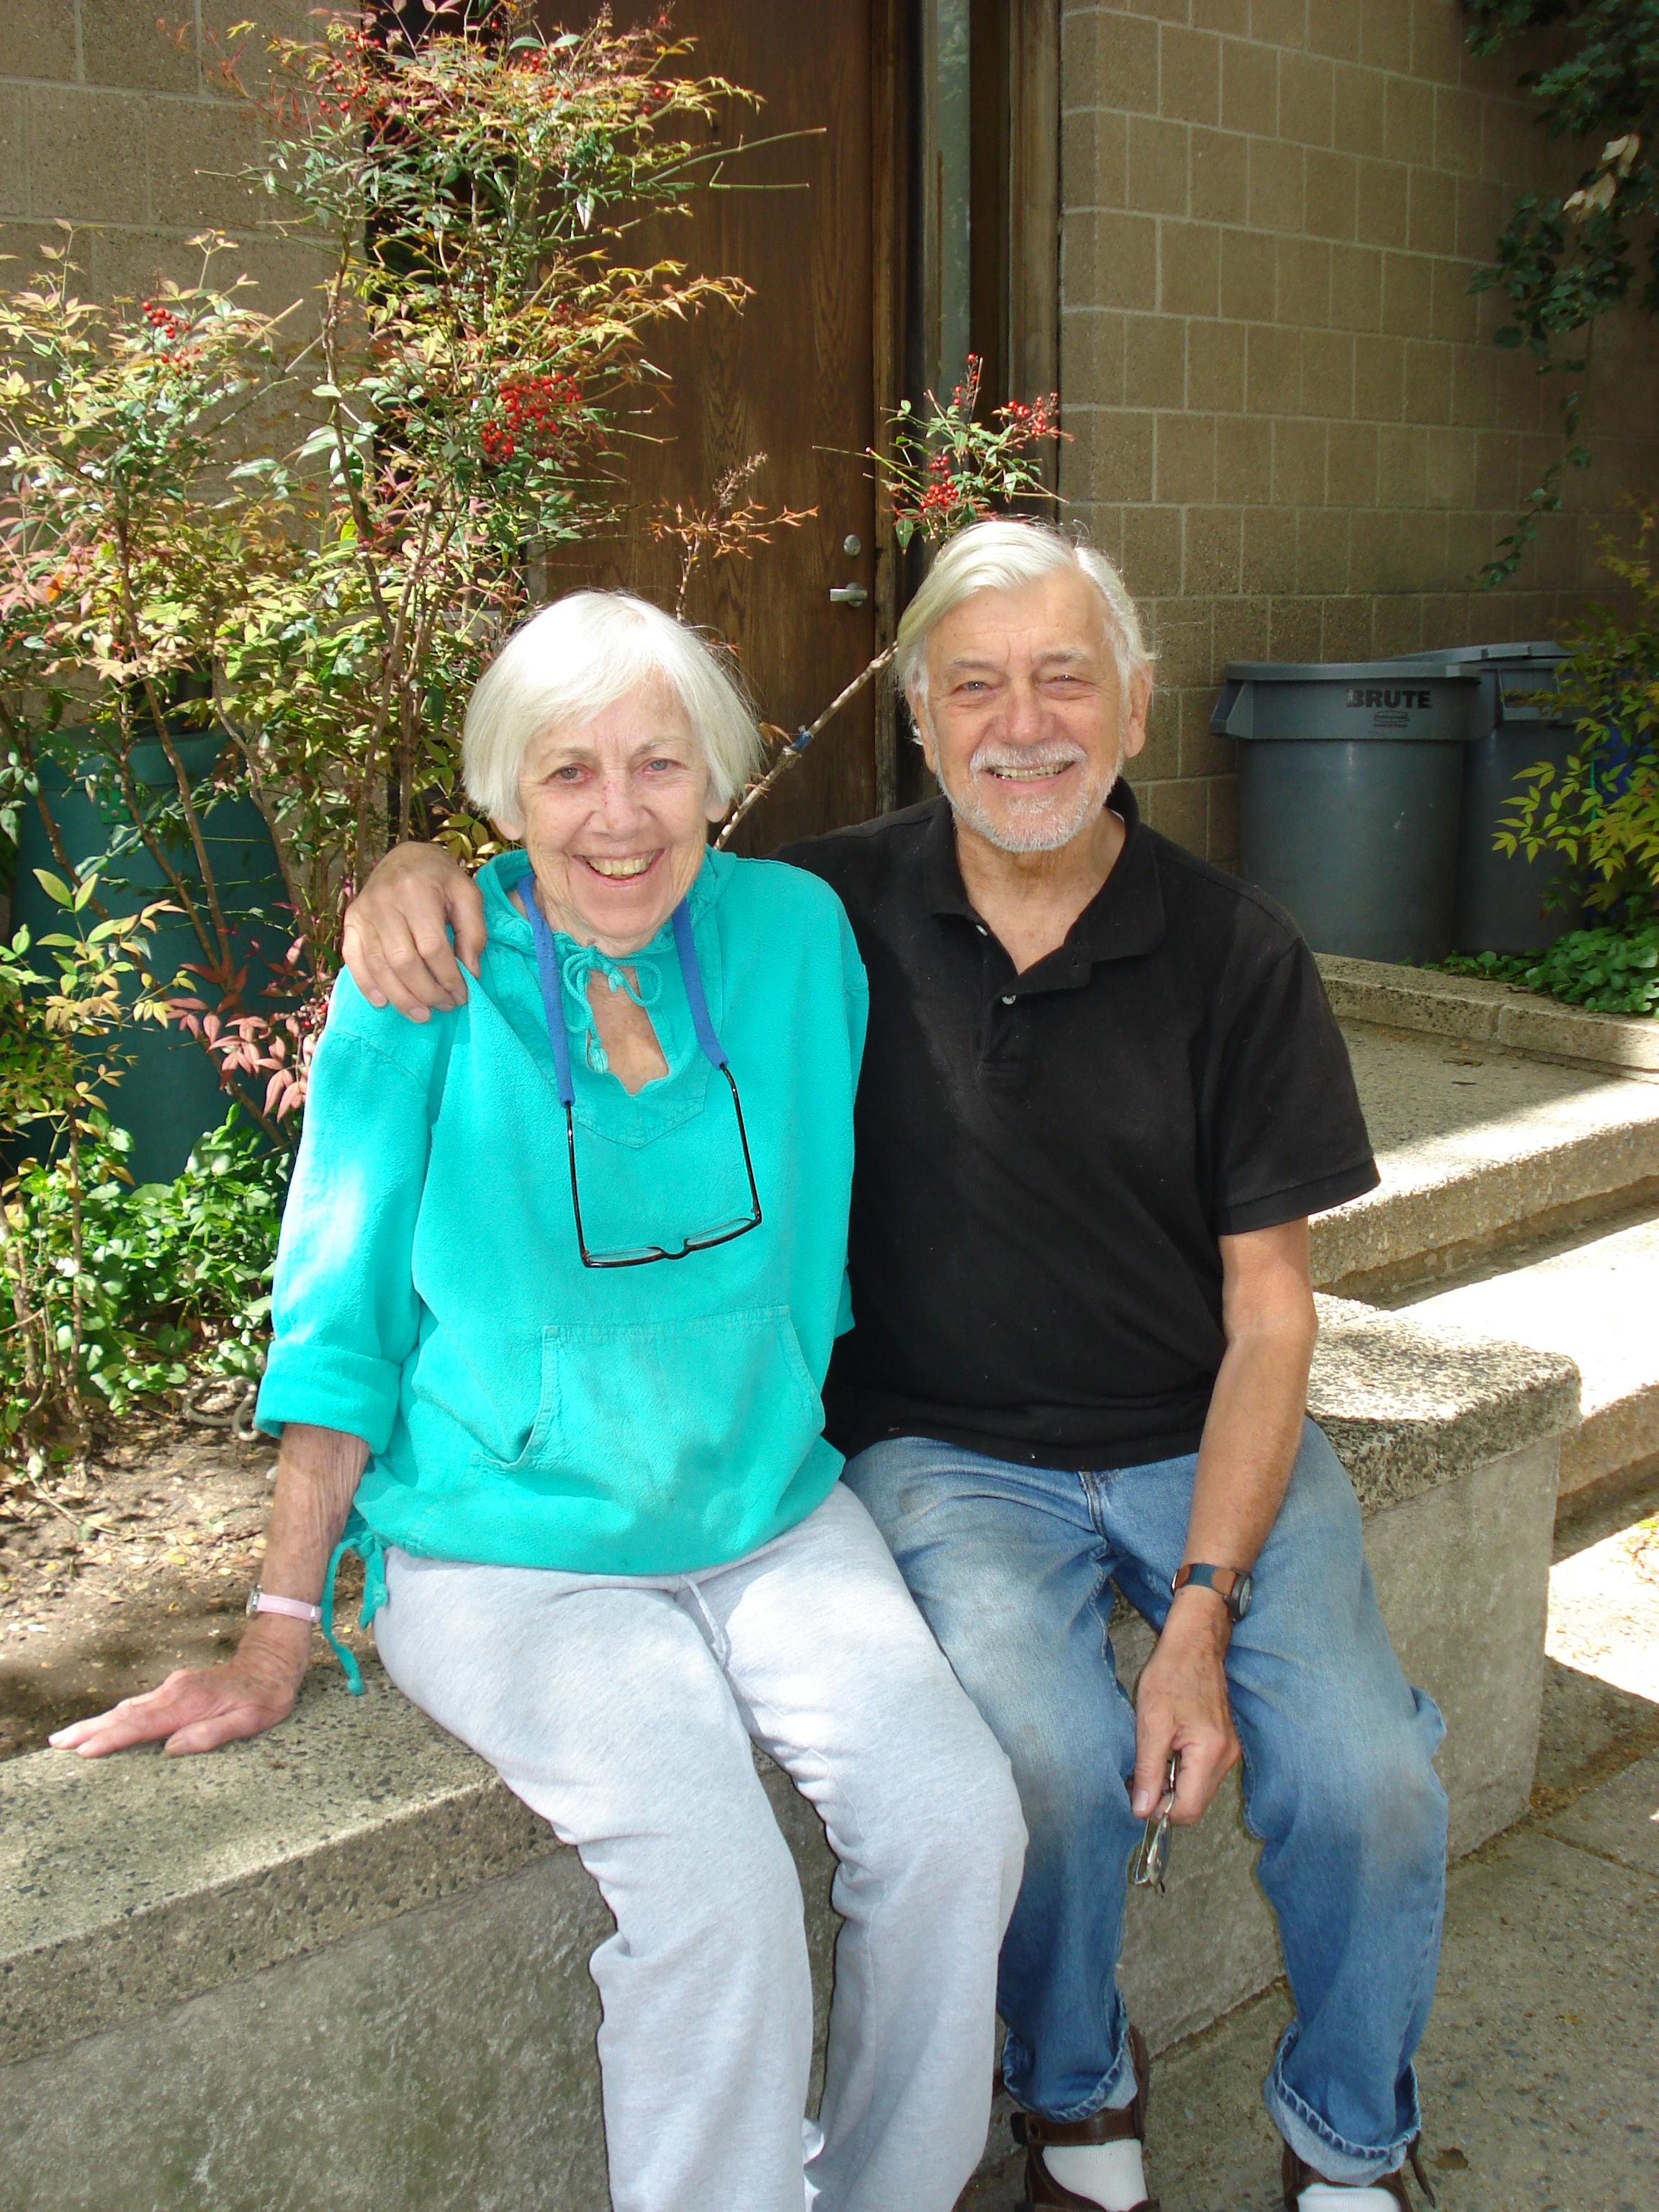 Mary and Joe Merz